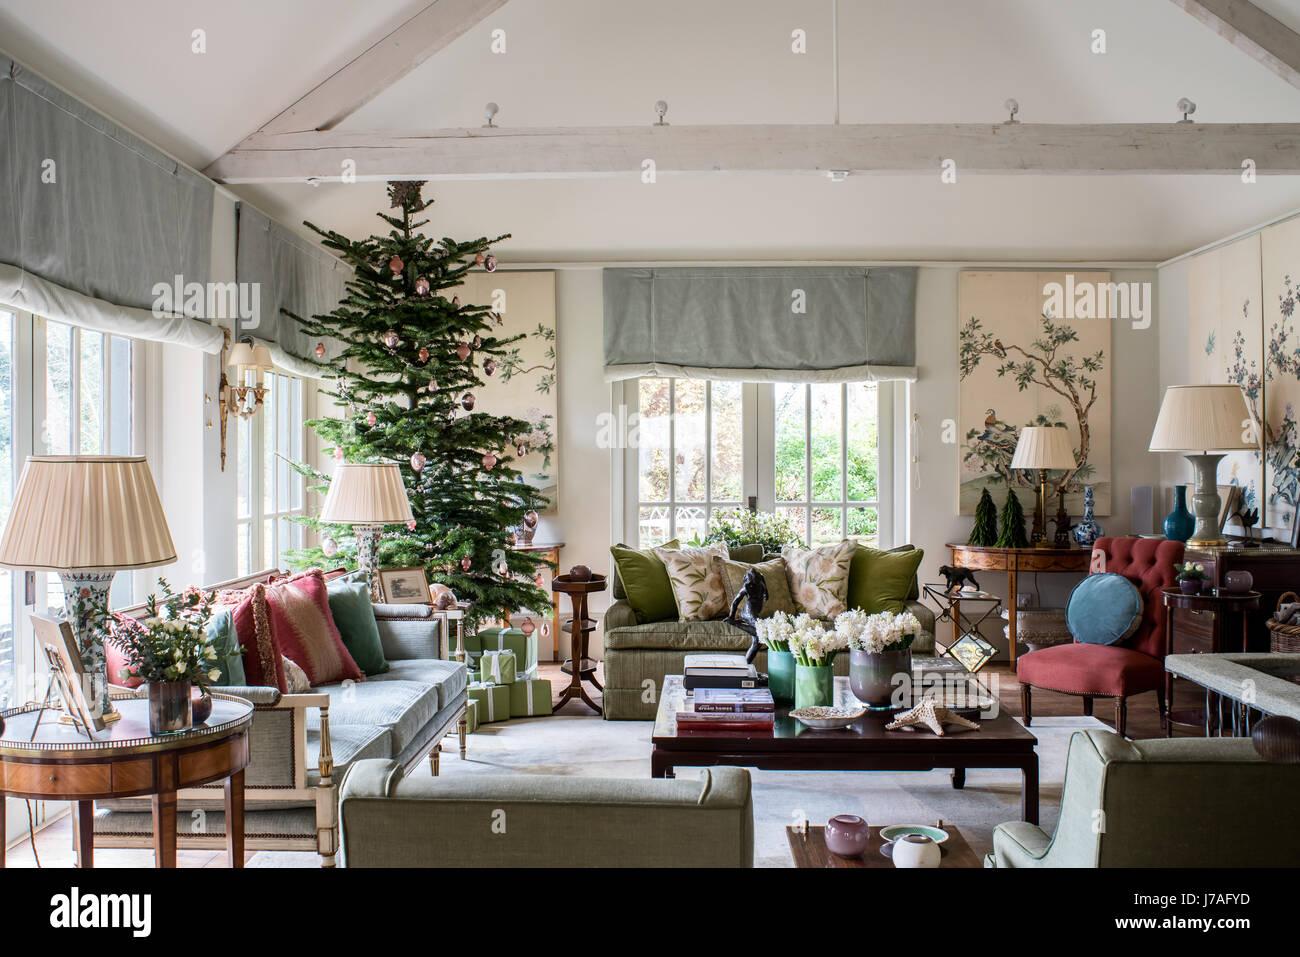 Wohnzimmer Paneele, geräumige und helle gefüllten wohnzimmer mit alten chinesischen, Design ideen